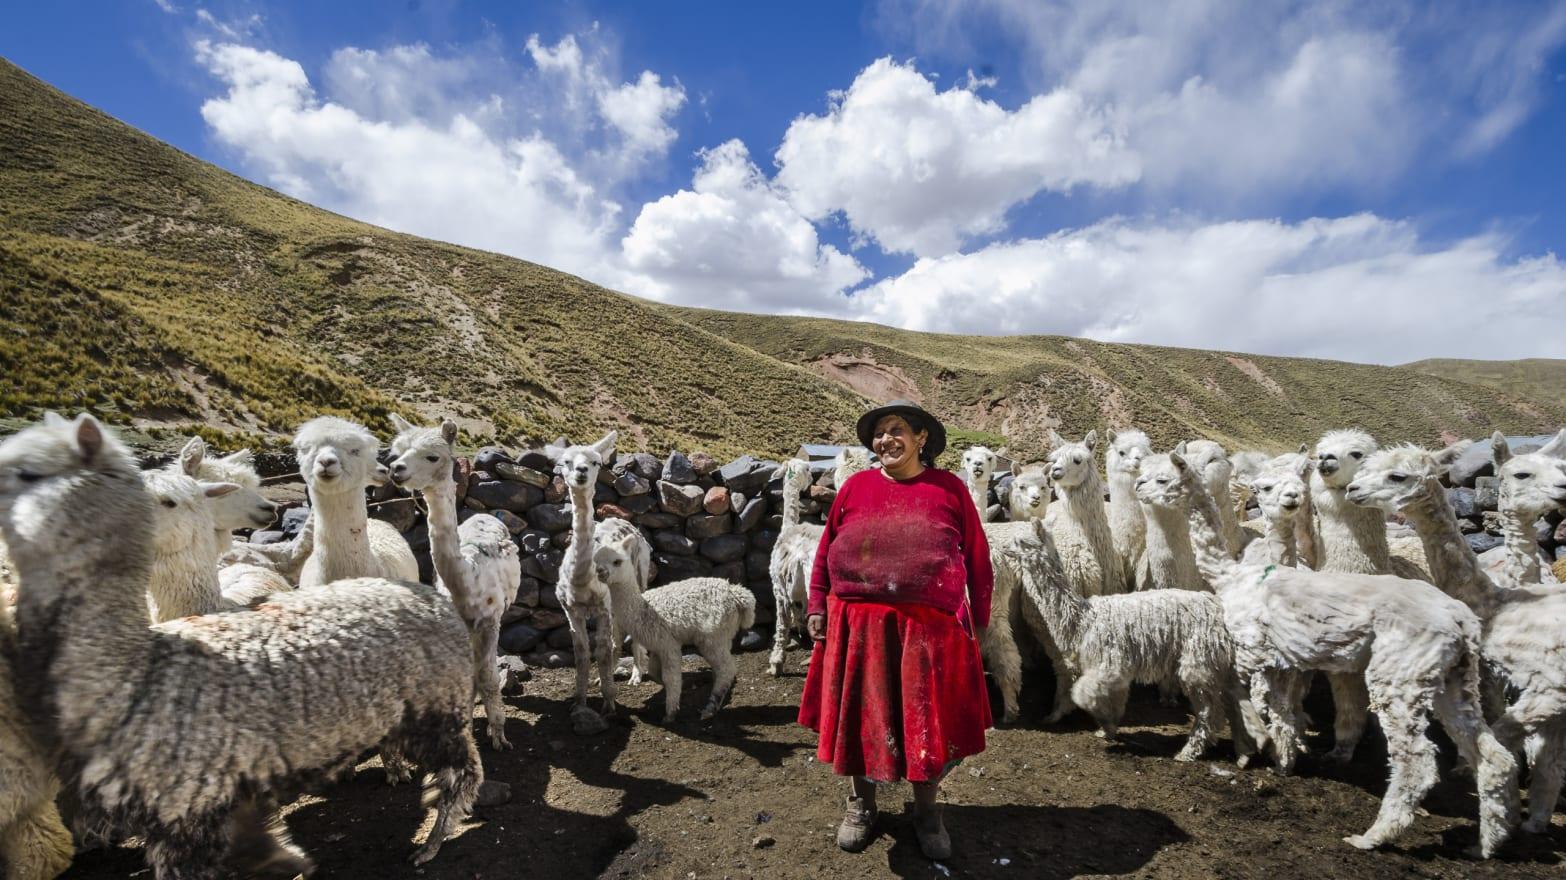 La increíble historia del origen de la alpaca